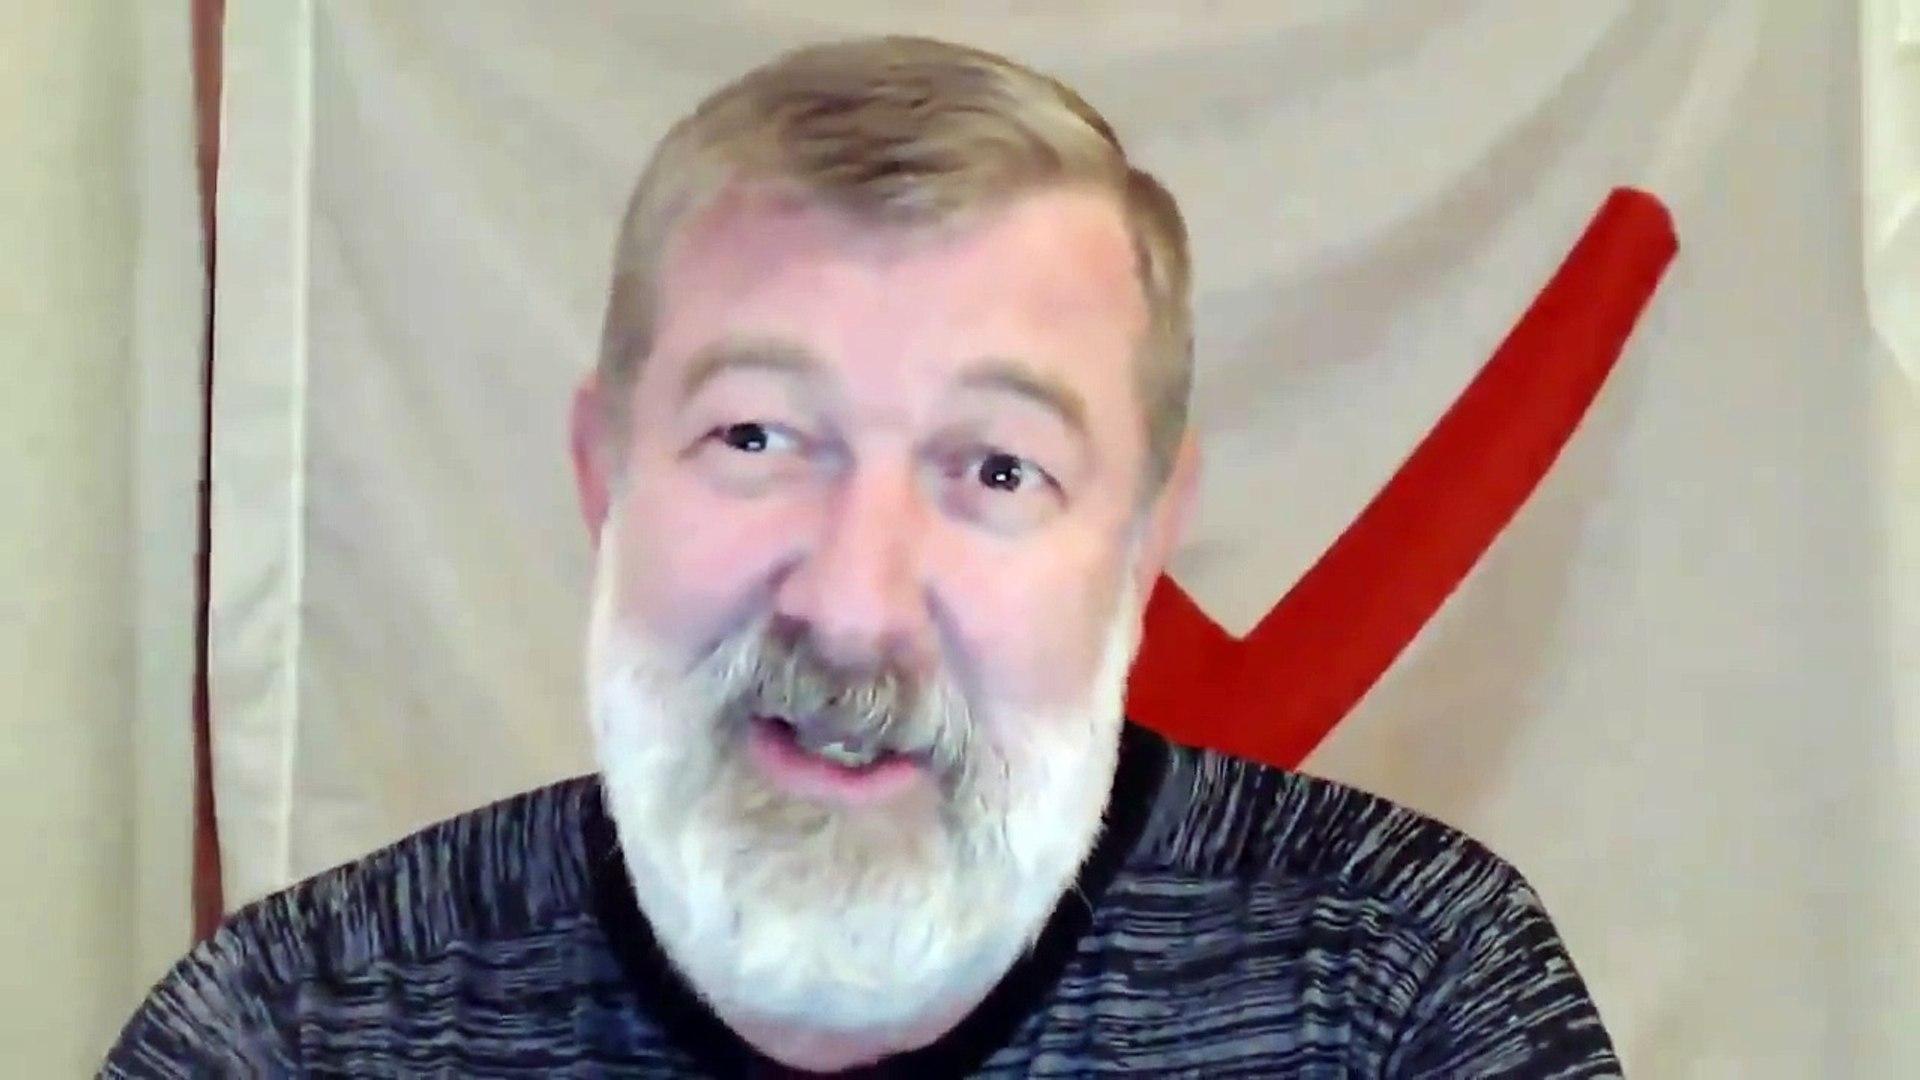 Вячеслав Мальцев | Плохие новости | Артподготовка | 1 декабря 2017 / Часть 1